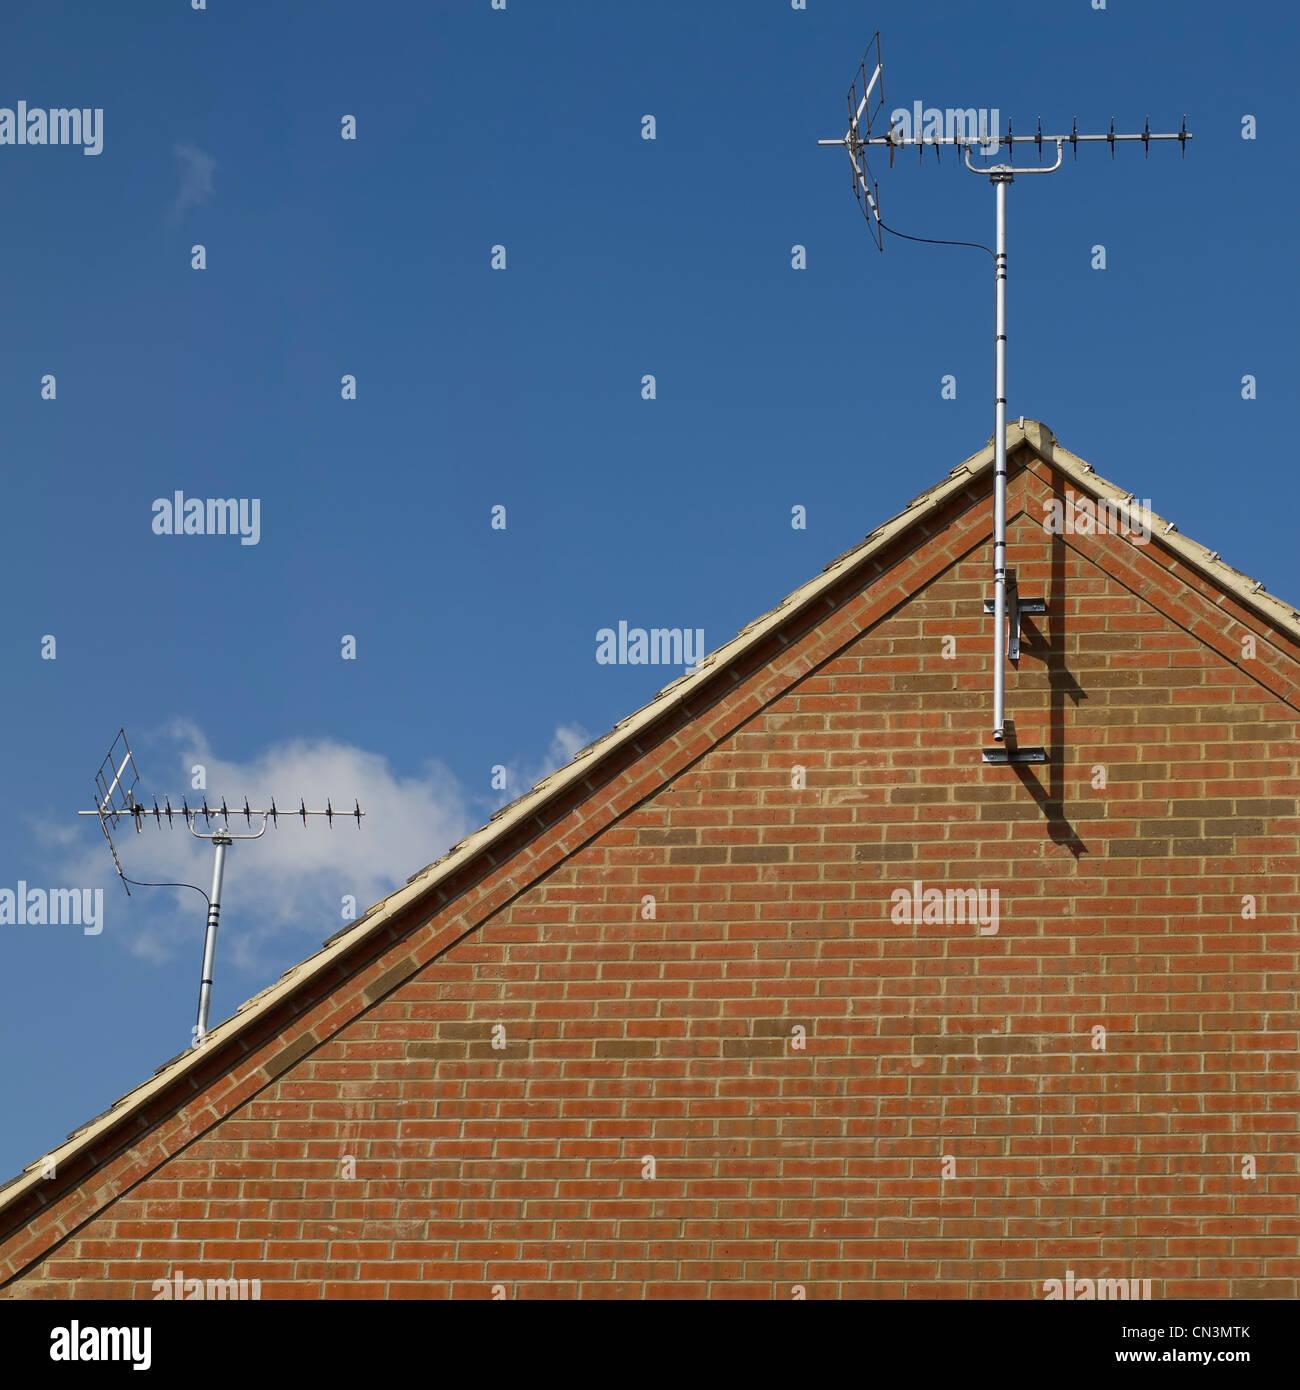 TV Antenne auf einem Hausdach, umrahmt von einem blauen Himmel ...